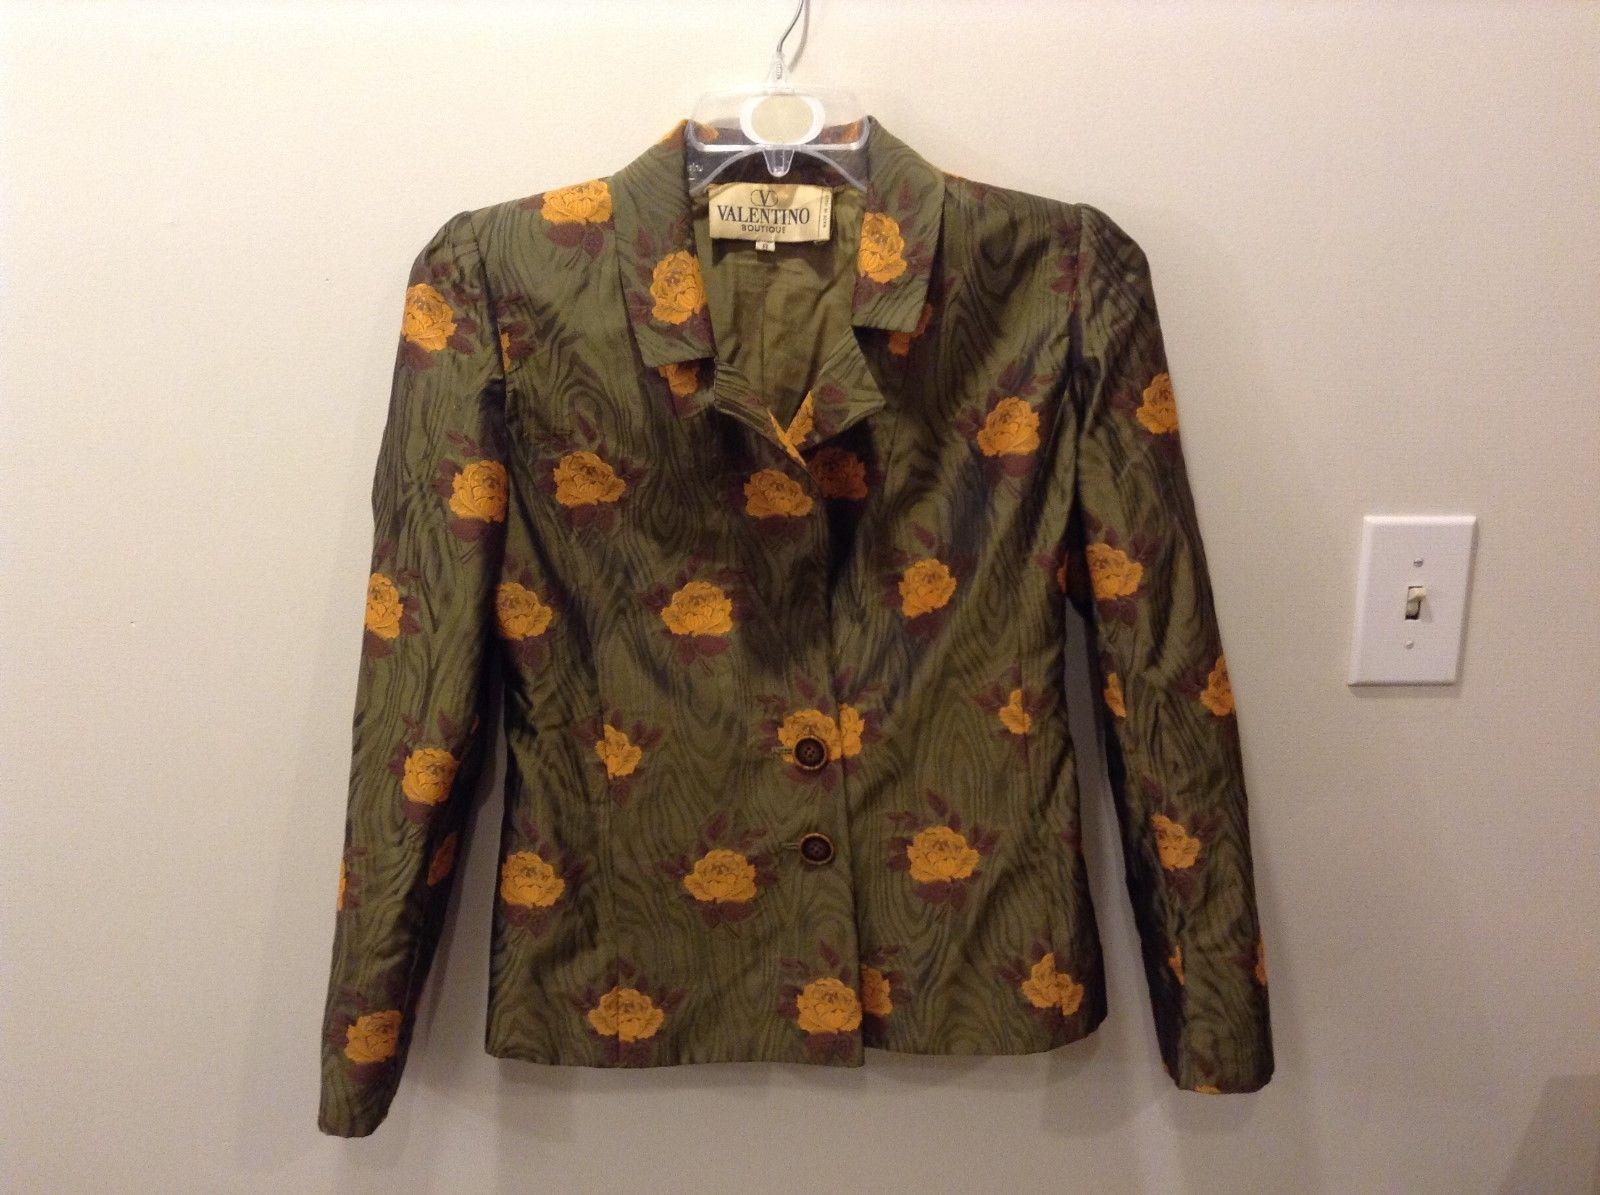 VALENTINO Boutique Olive Green Vintage Floral Blazer/Jacket Size 8